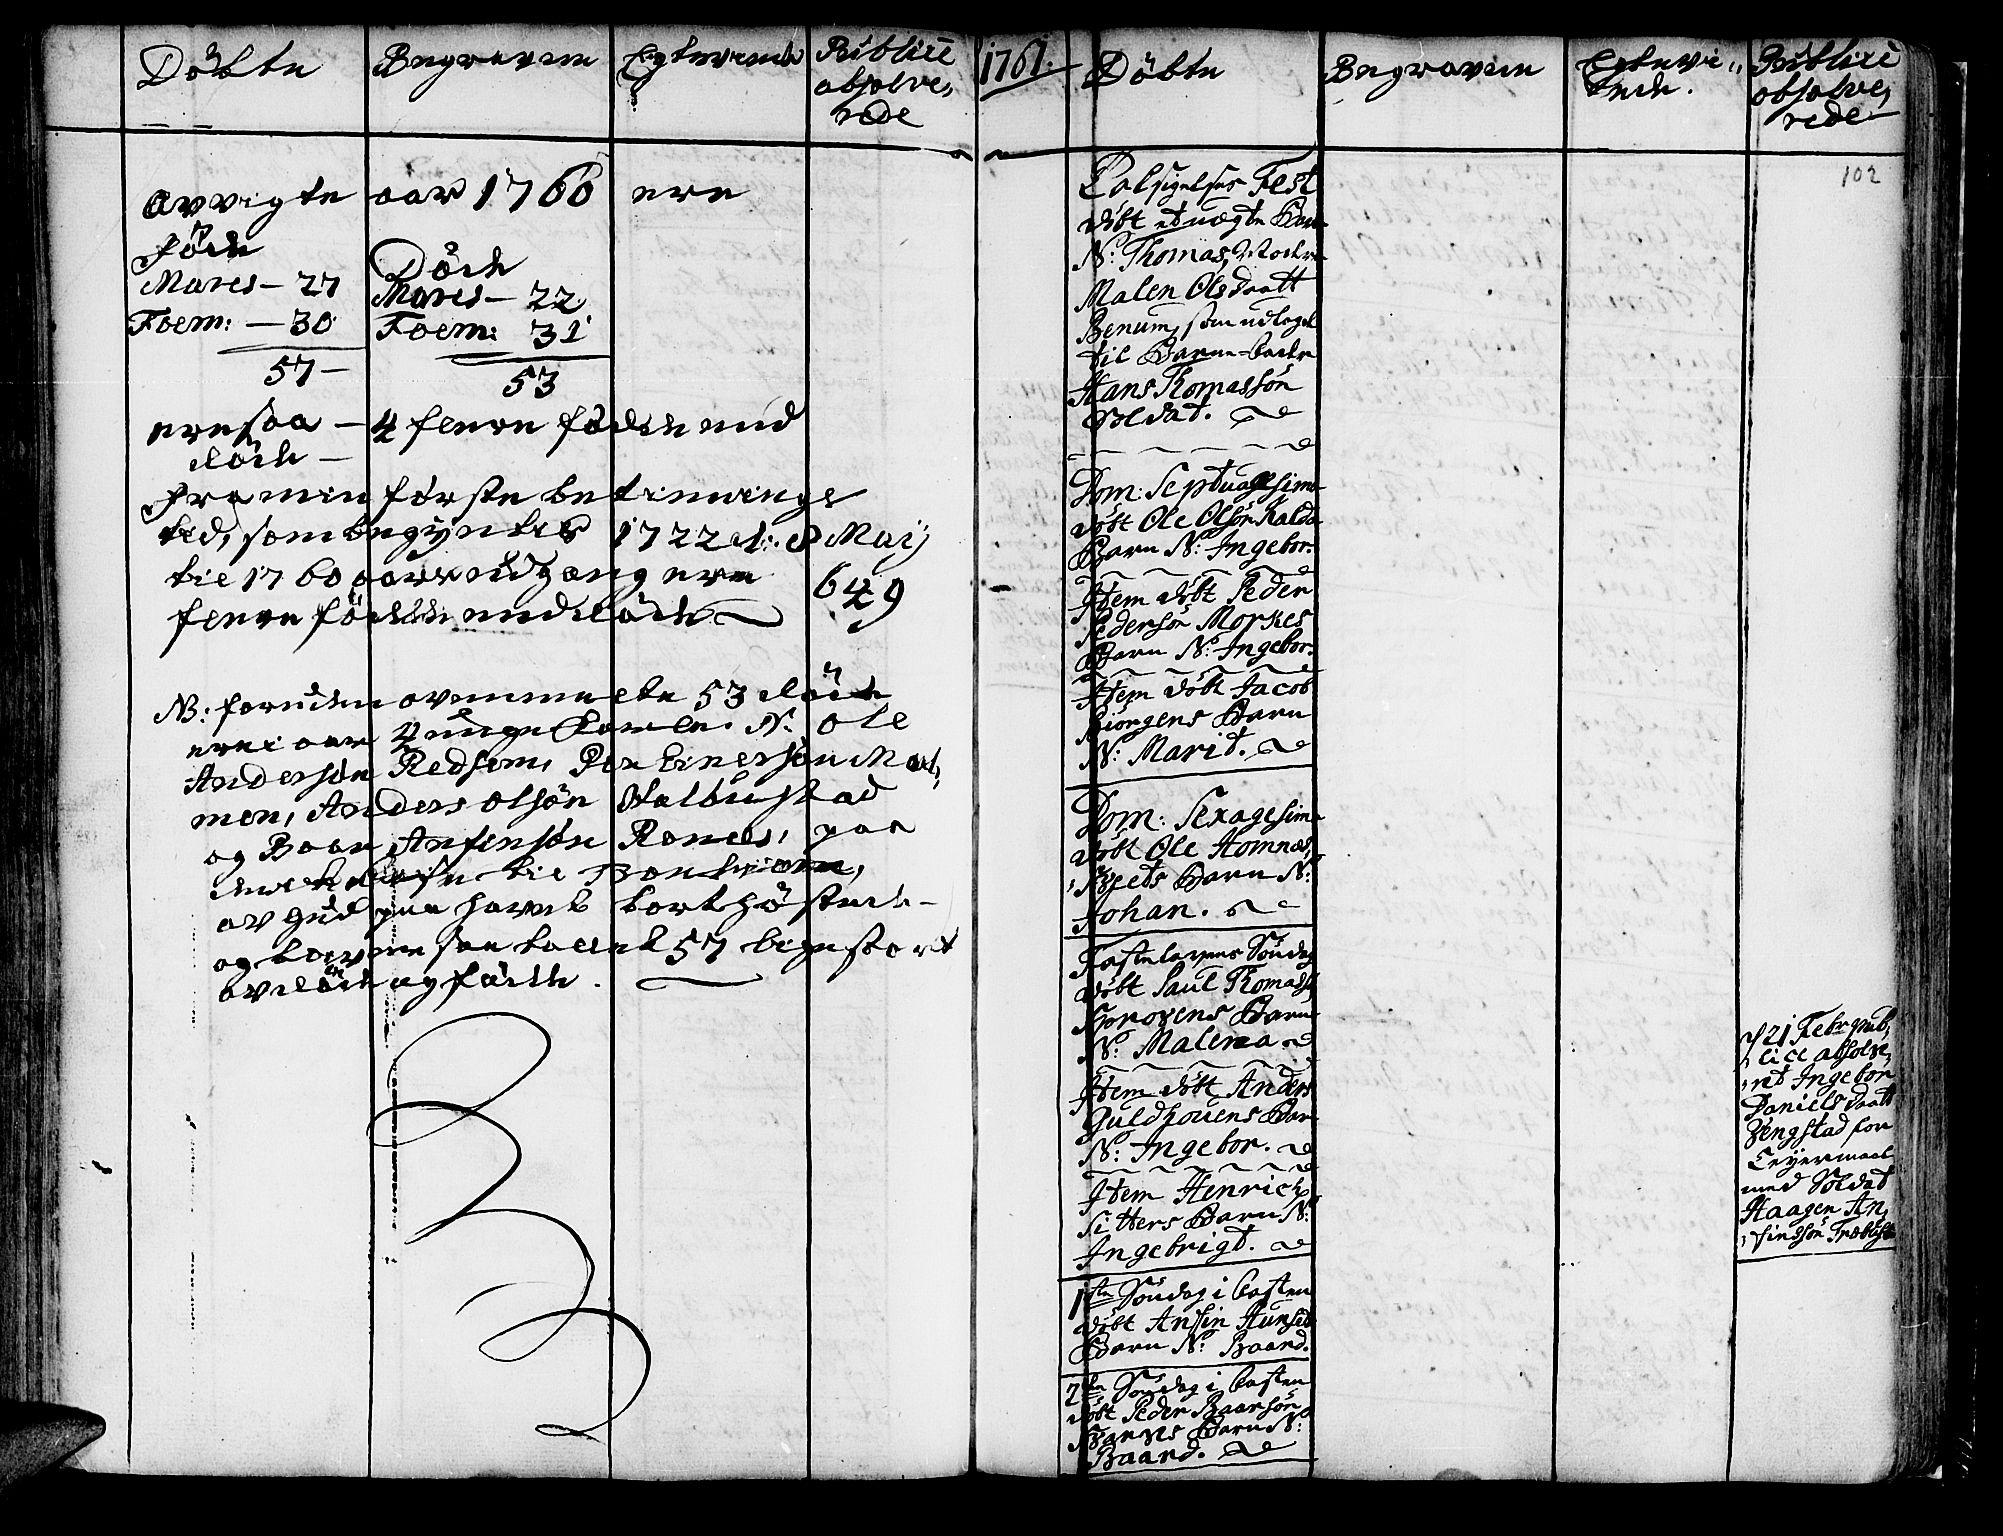 SAT, Ministerialprotokoller, klokkerbøker og fødselsregistre - Nord-Trøndelag, 741/L0385: Ministerialbok nr. 741A01, 1722-1815, s. 102